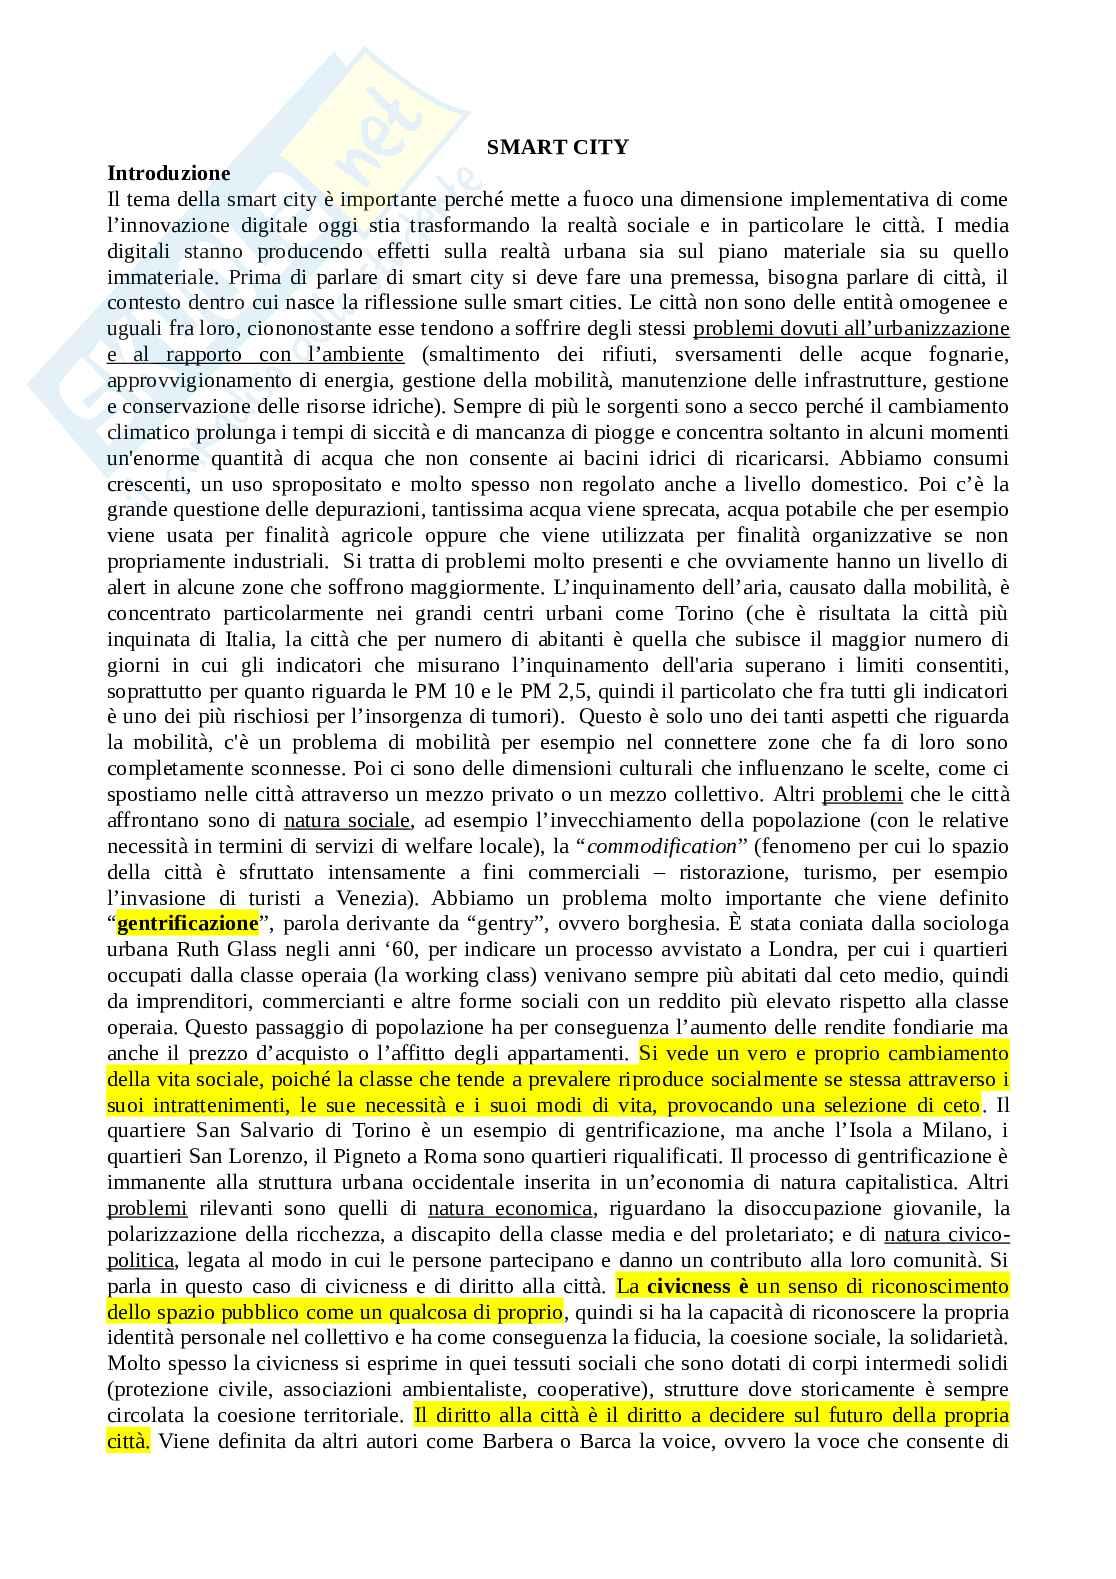 """Riassunto esame Sociologia generale e dell'innovazione digital, Modulo 2, libro consigliato """"Smart city. Lo Spazio sociale della Convergenza"""", Marciano Pag. 1"""